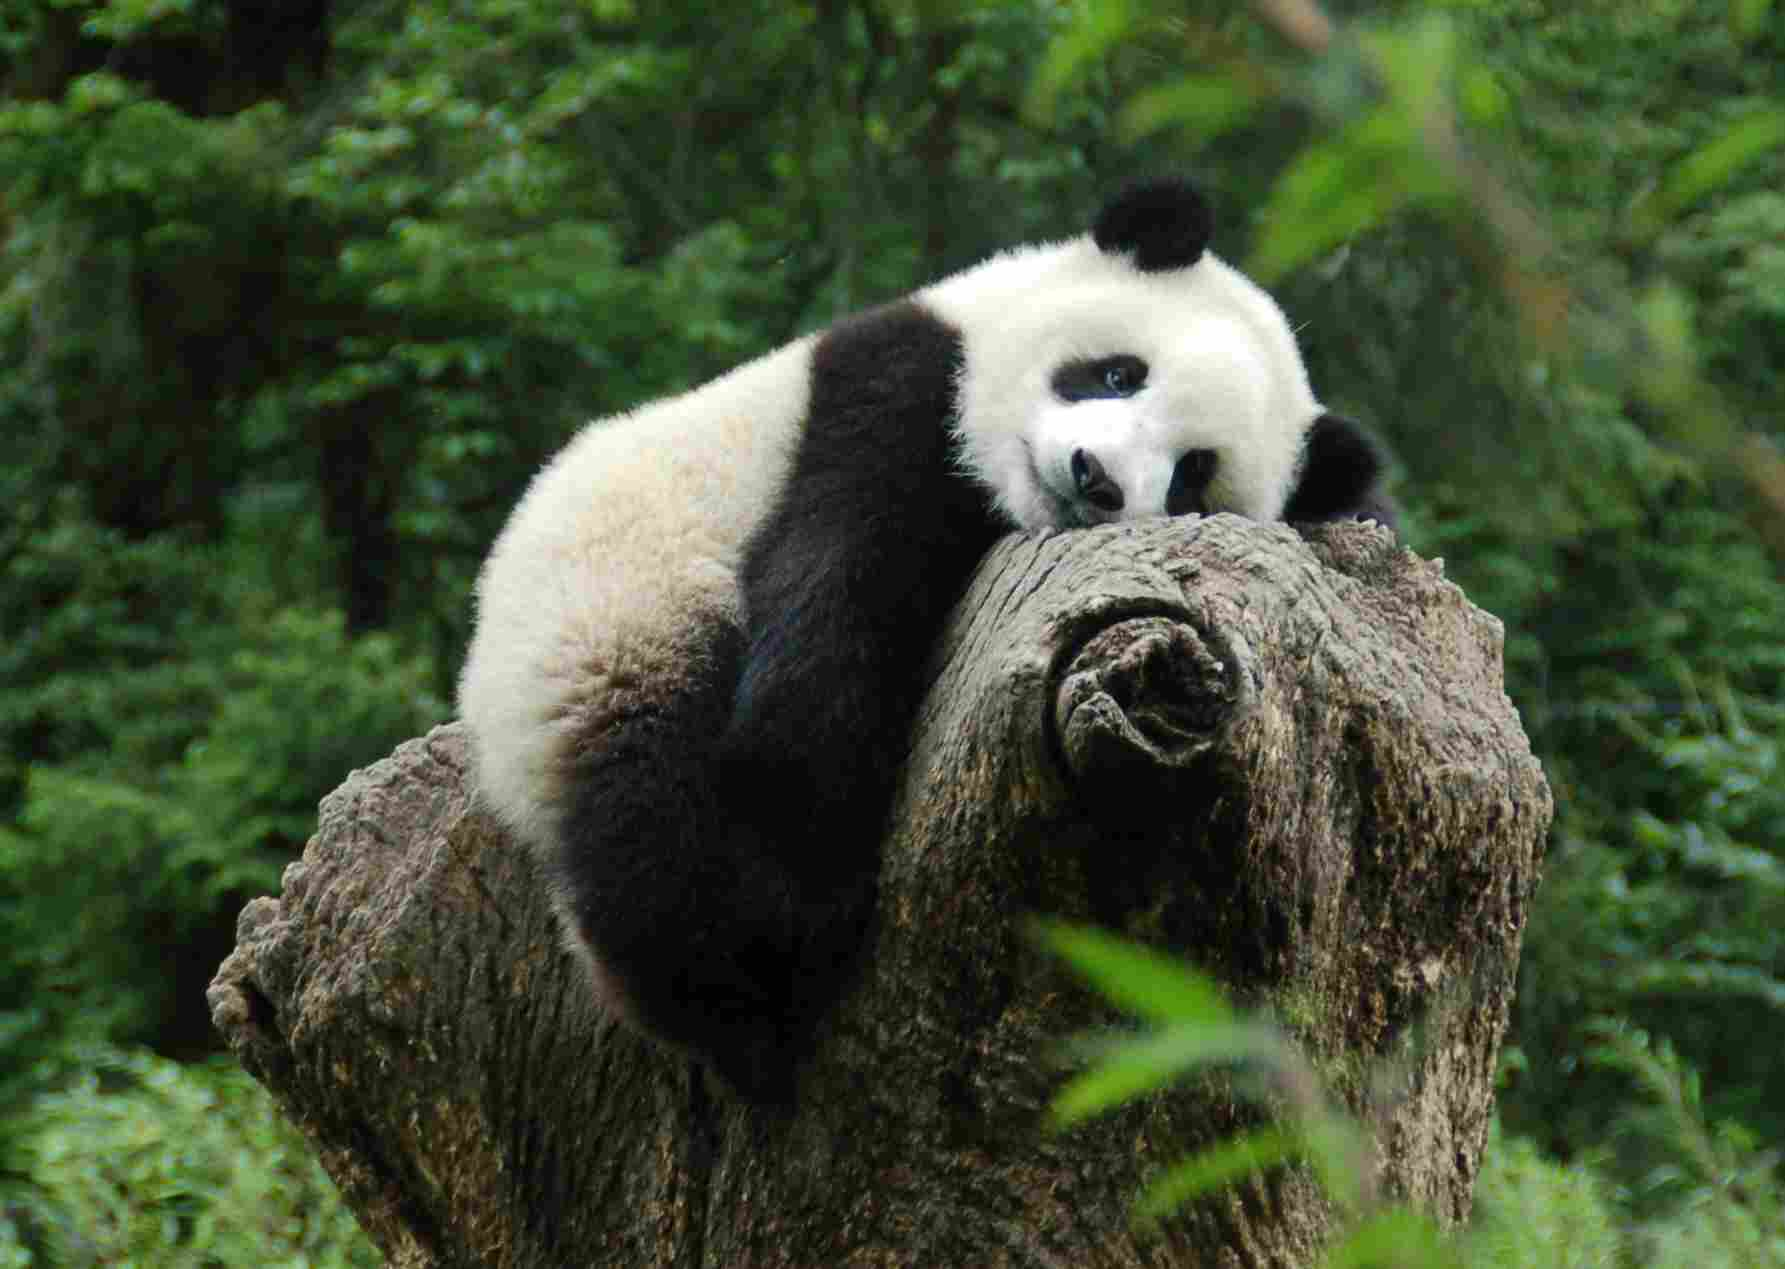 壁纸 大熊猫 动物 1785_1269